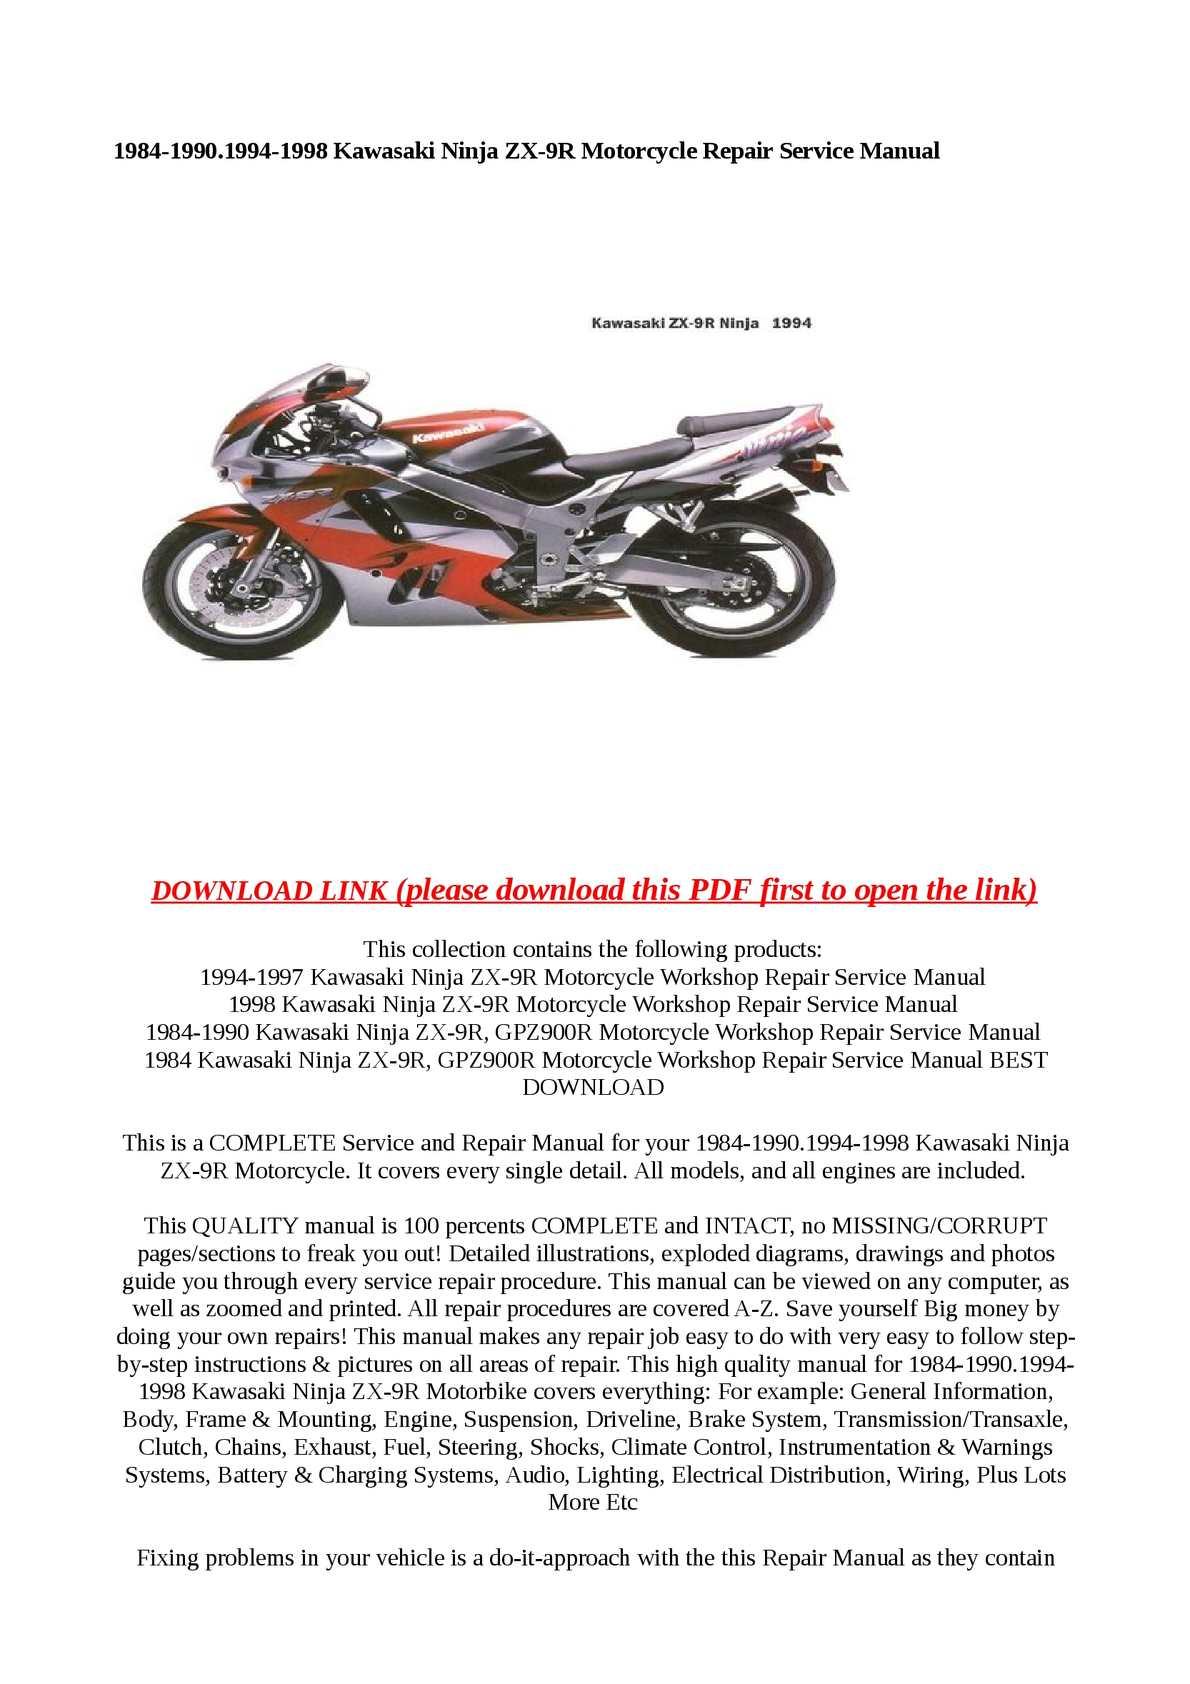 hight resolution of 1984 1990 1994 1998 kawasaki ninja zx 9r motorcycle repair service manual